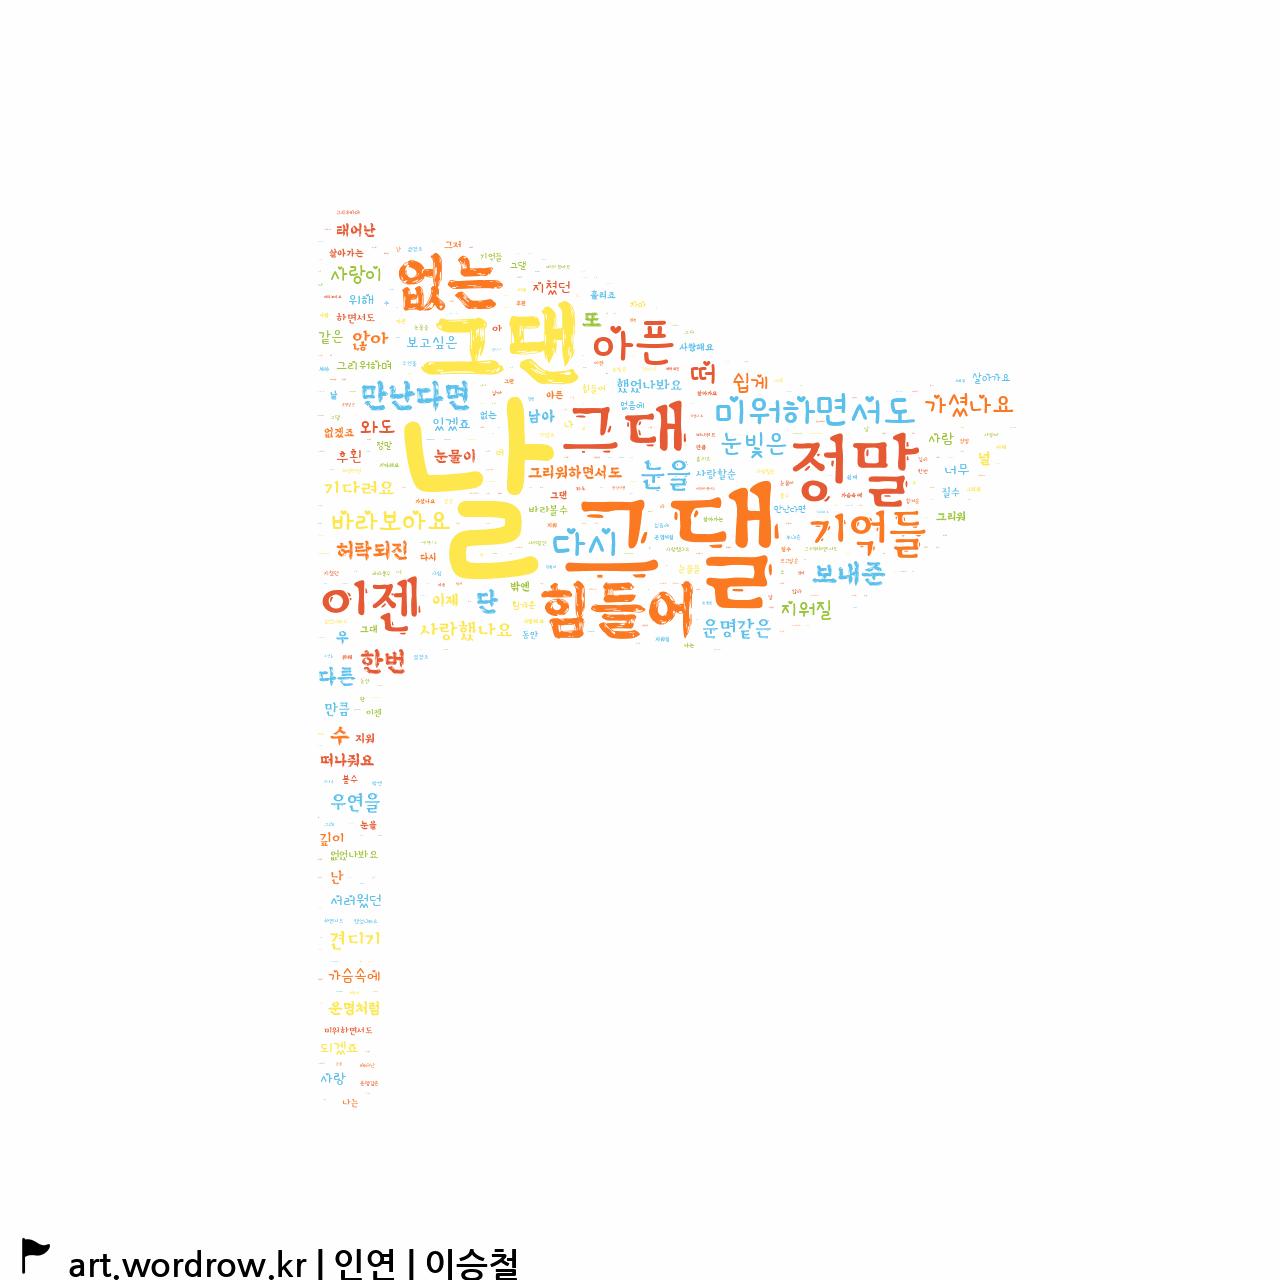 워드 아트: 인연 [이승철]-5